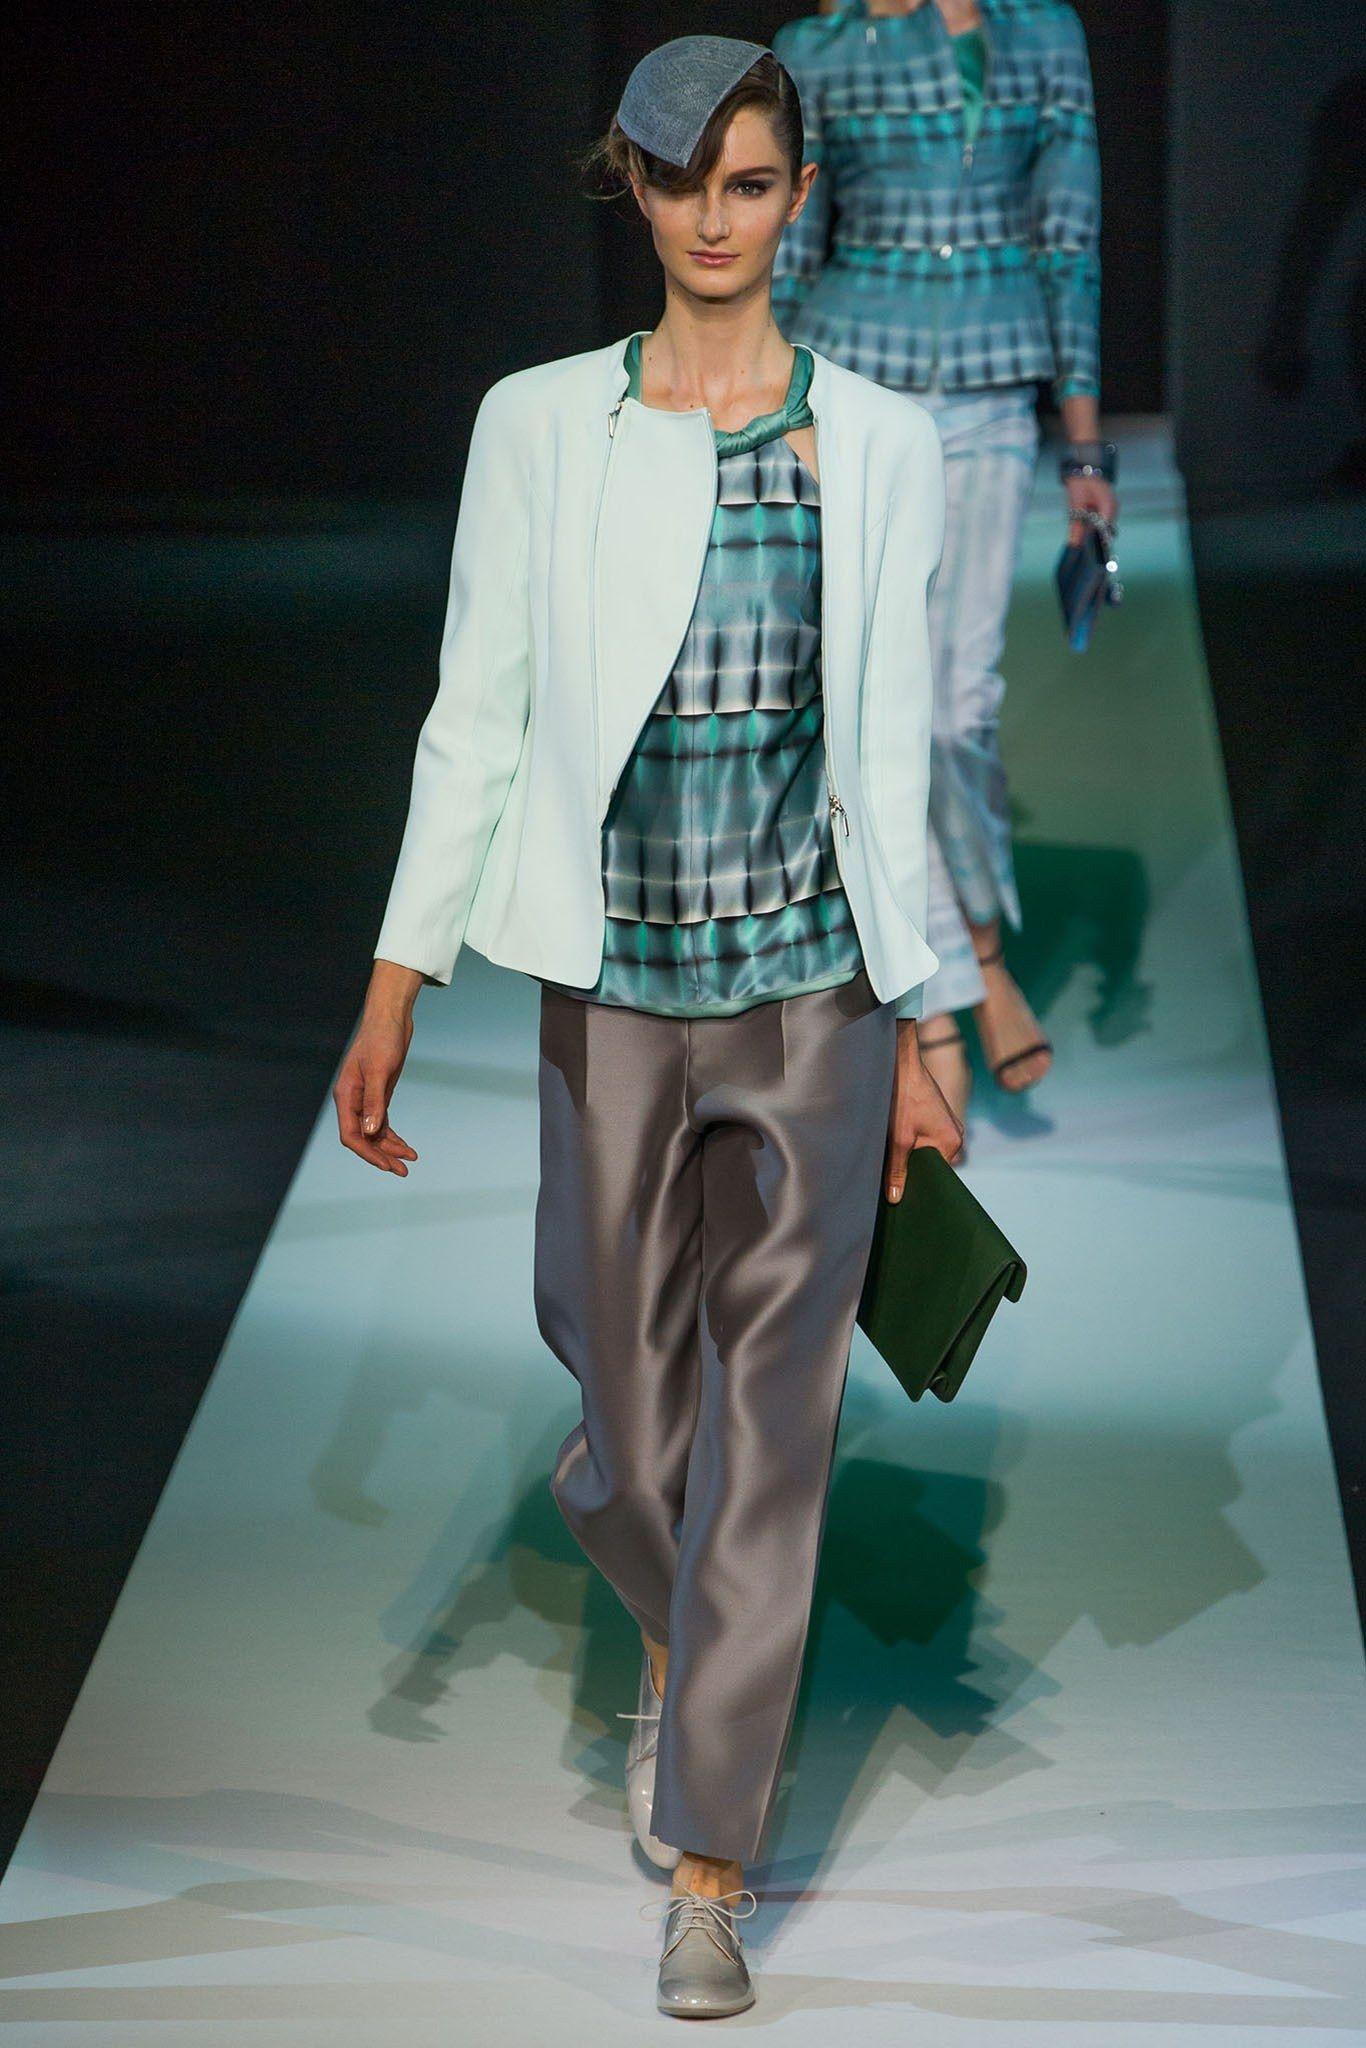 Giorgio Armani Spring 2013 Ready-to-Wear Fashion Show - Mackenzie Drazan